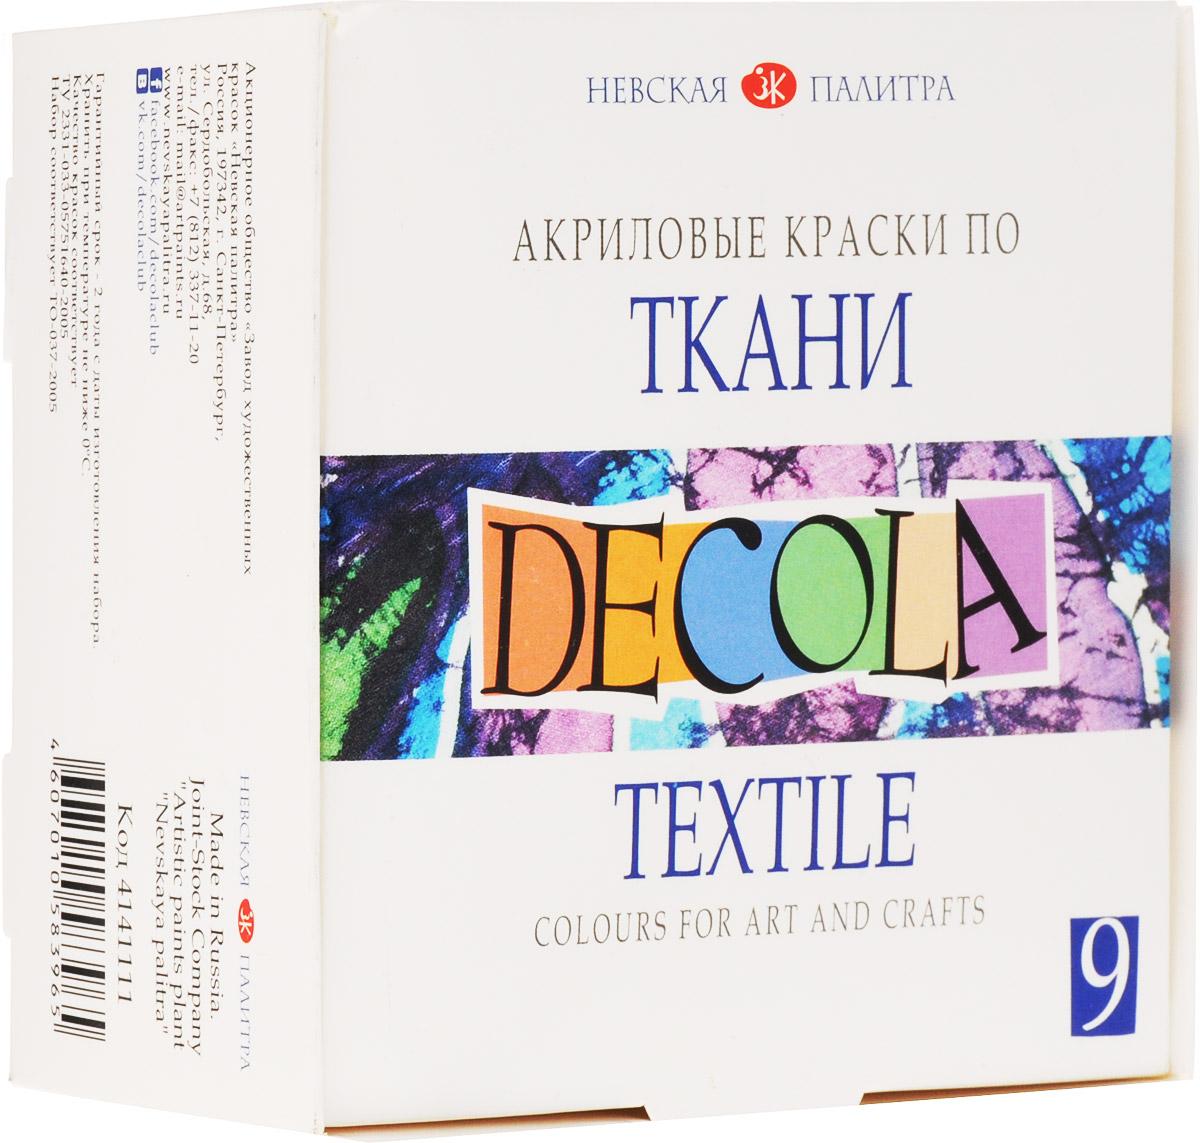 Decola Акриловые краски по ткани 9 цветов